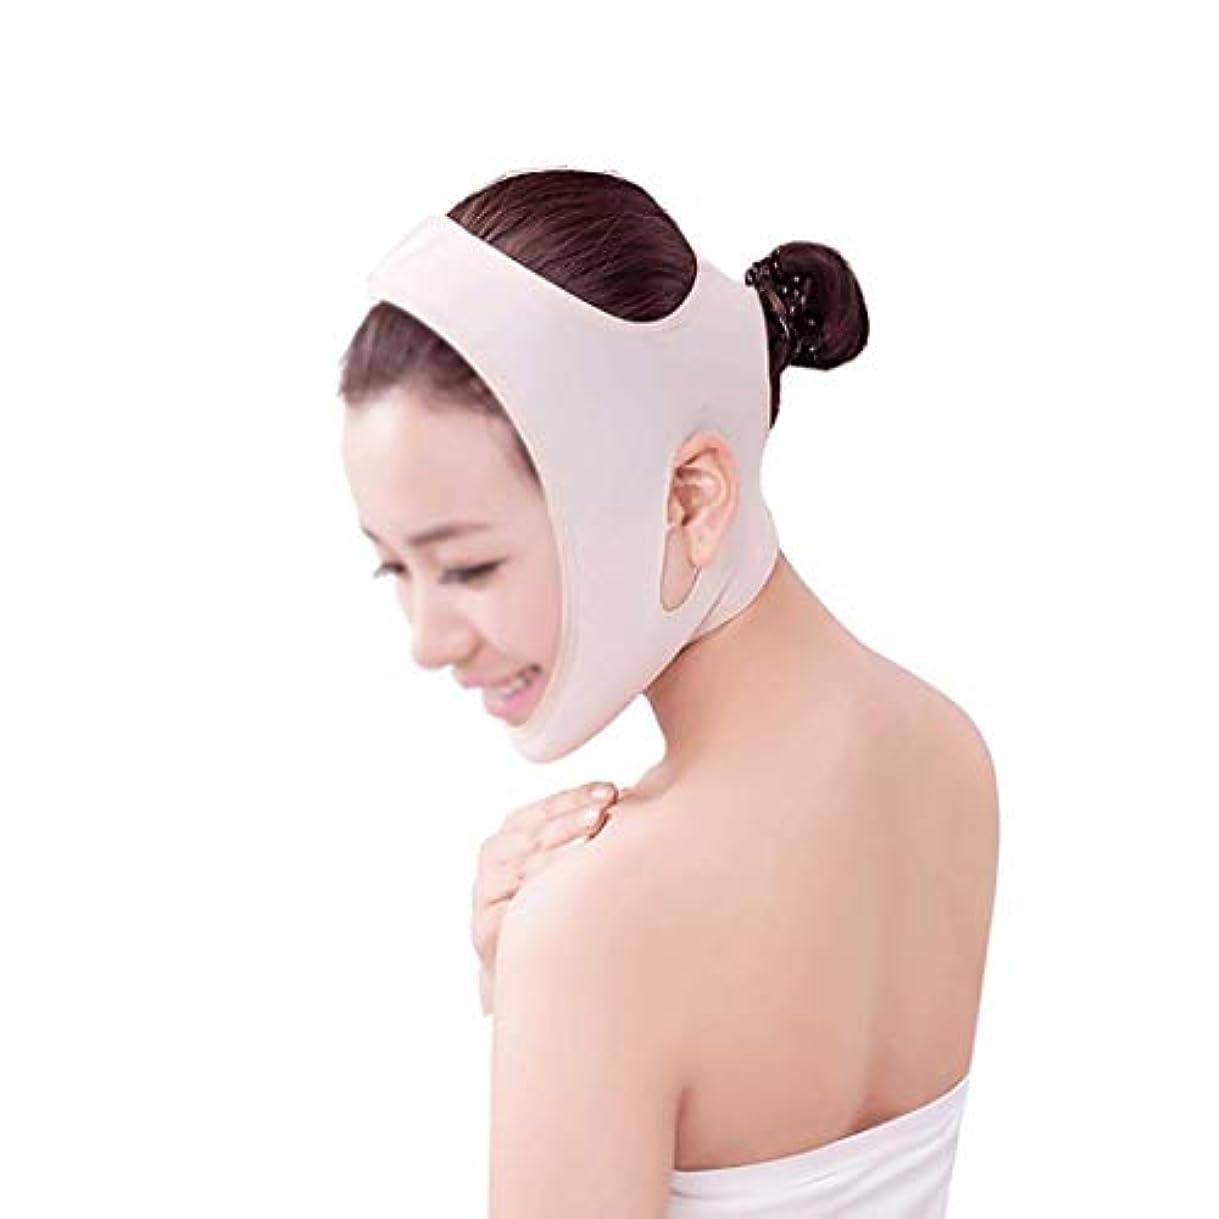 かもしれない欠席別々にフェイス&ネックリフト術後弾性セット美容マスク小Vフェイスアーティファクトタイトリフティングエラスティックバンドリフティングフェイスシンフェイス包帯(サイズ:XL)